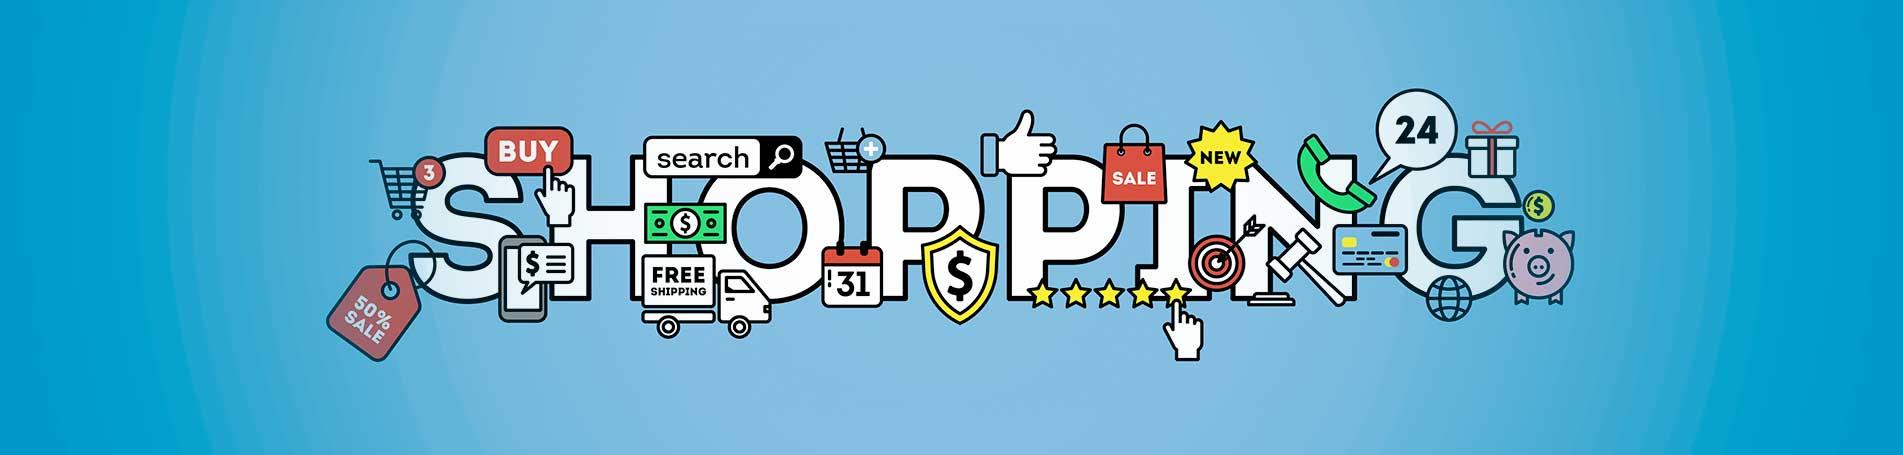 10 cl s pour vendre un nouveau produit ou une marque travers le canal online liftingroup - Cabinet conseil strategie digitale ...